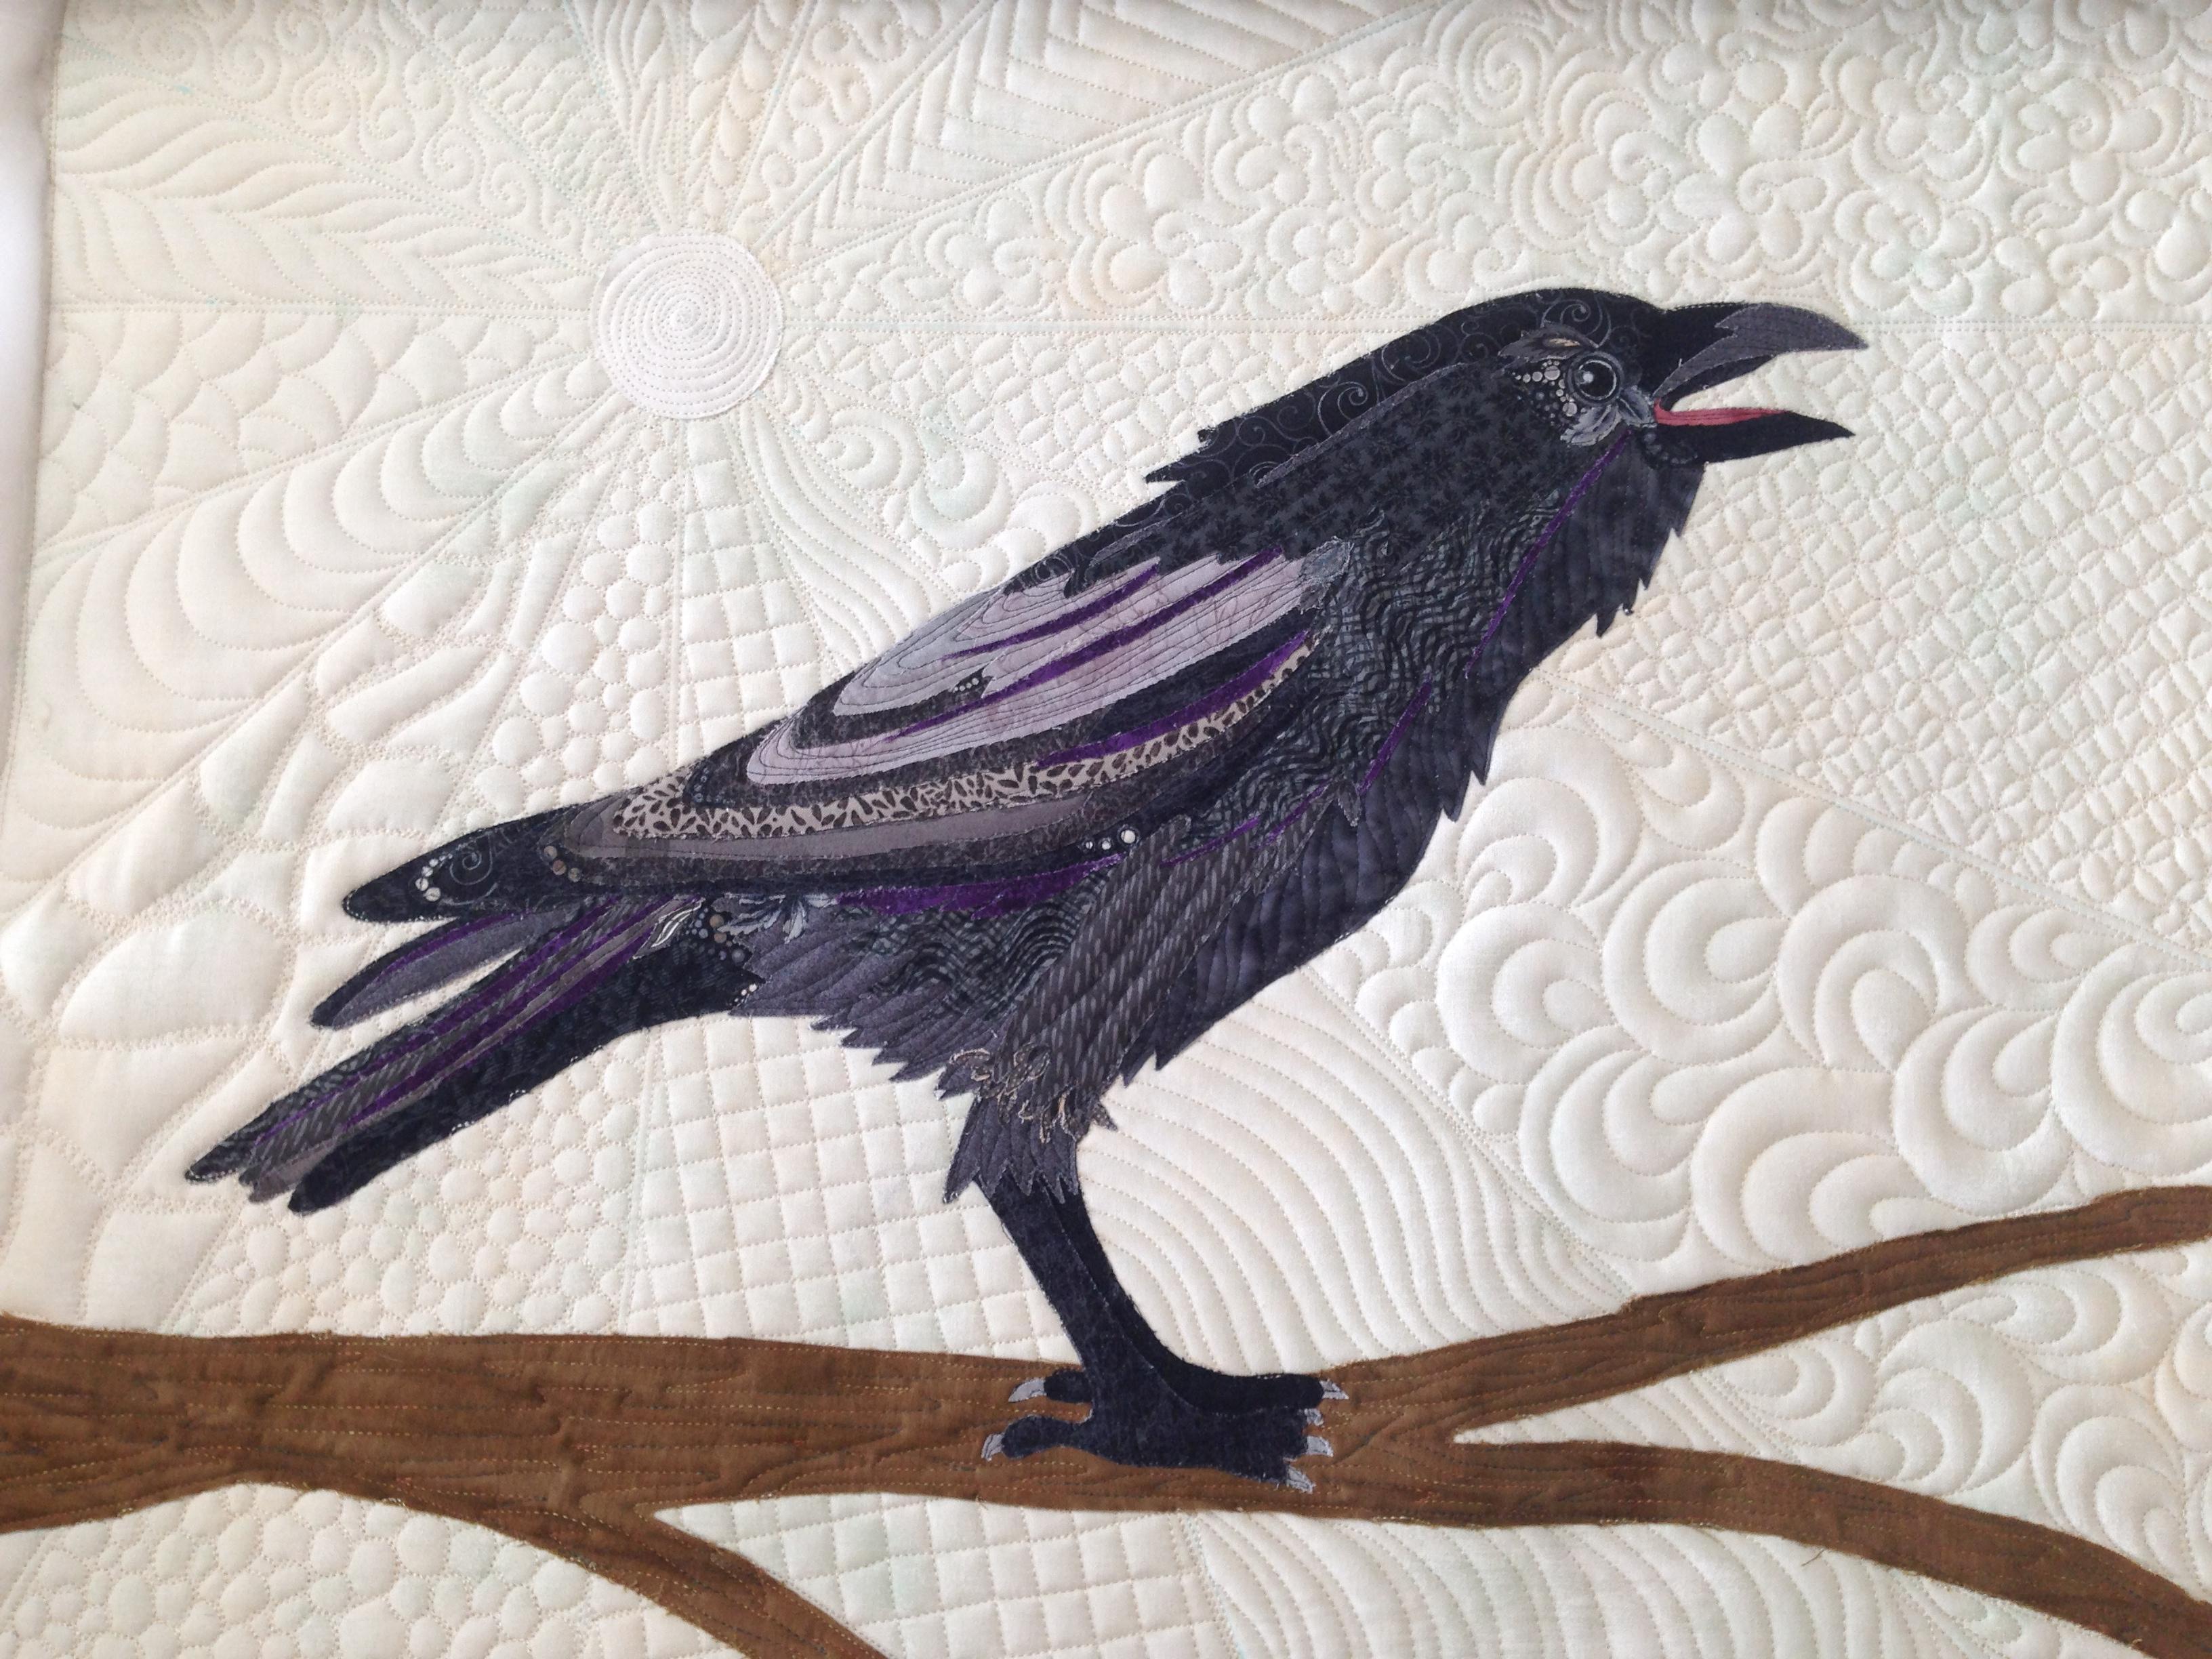 WTR.2,d - Raven Beauty Collage - WORKSHOP